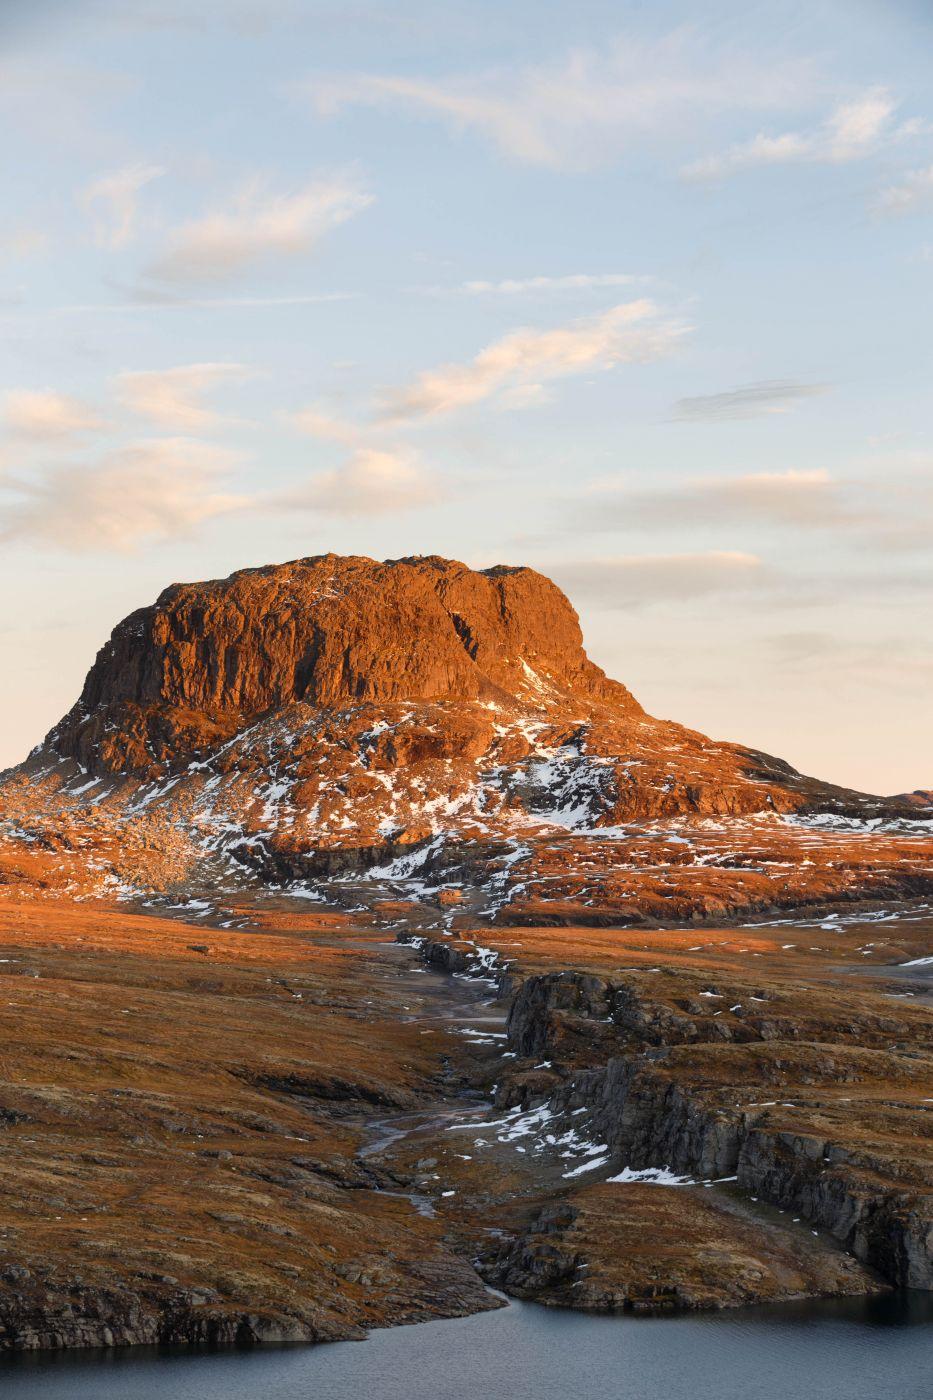 Harteigen from Torehytten (Hills), Norway